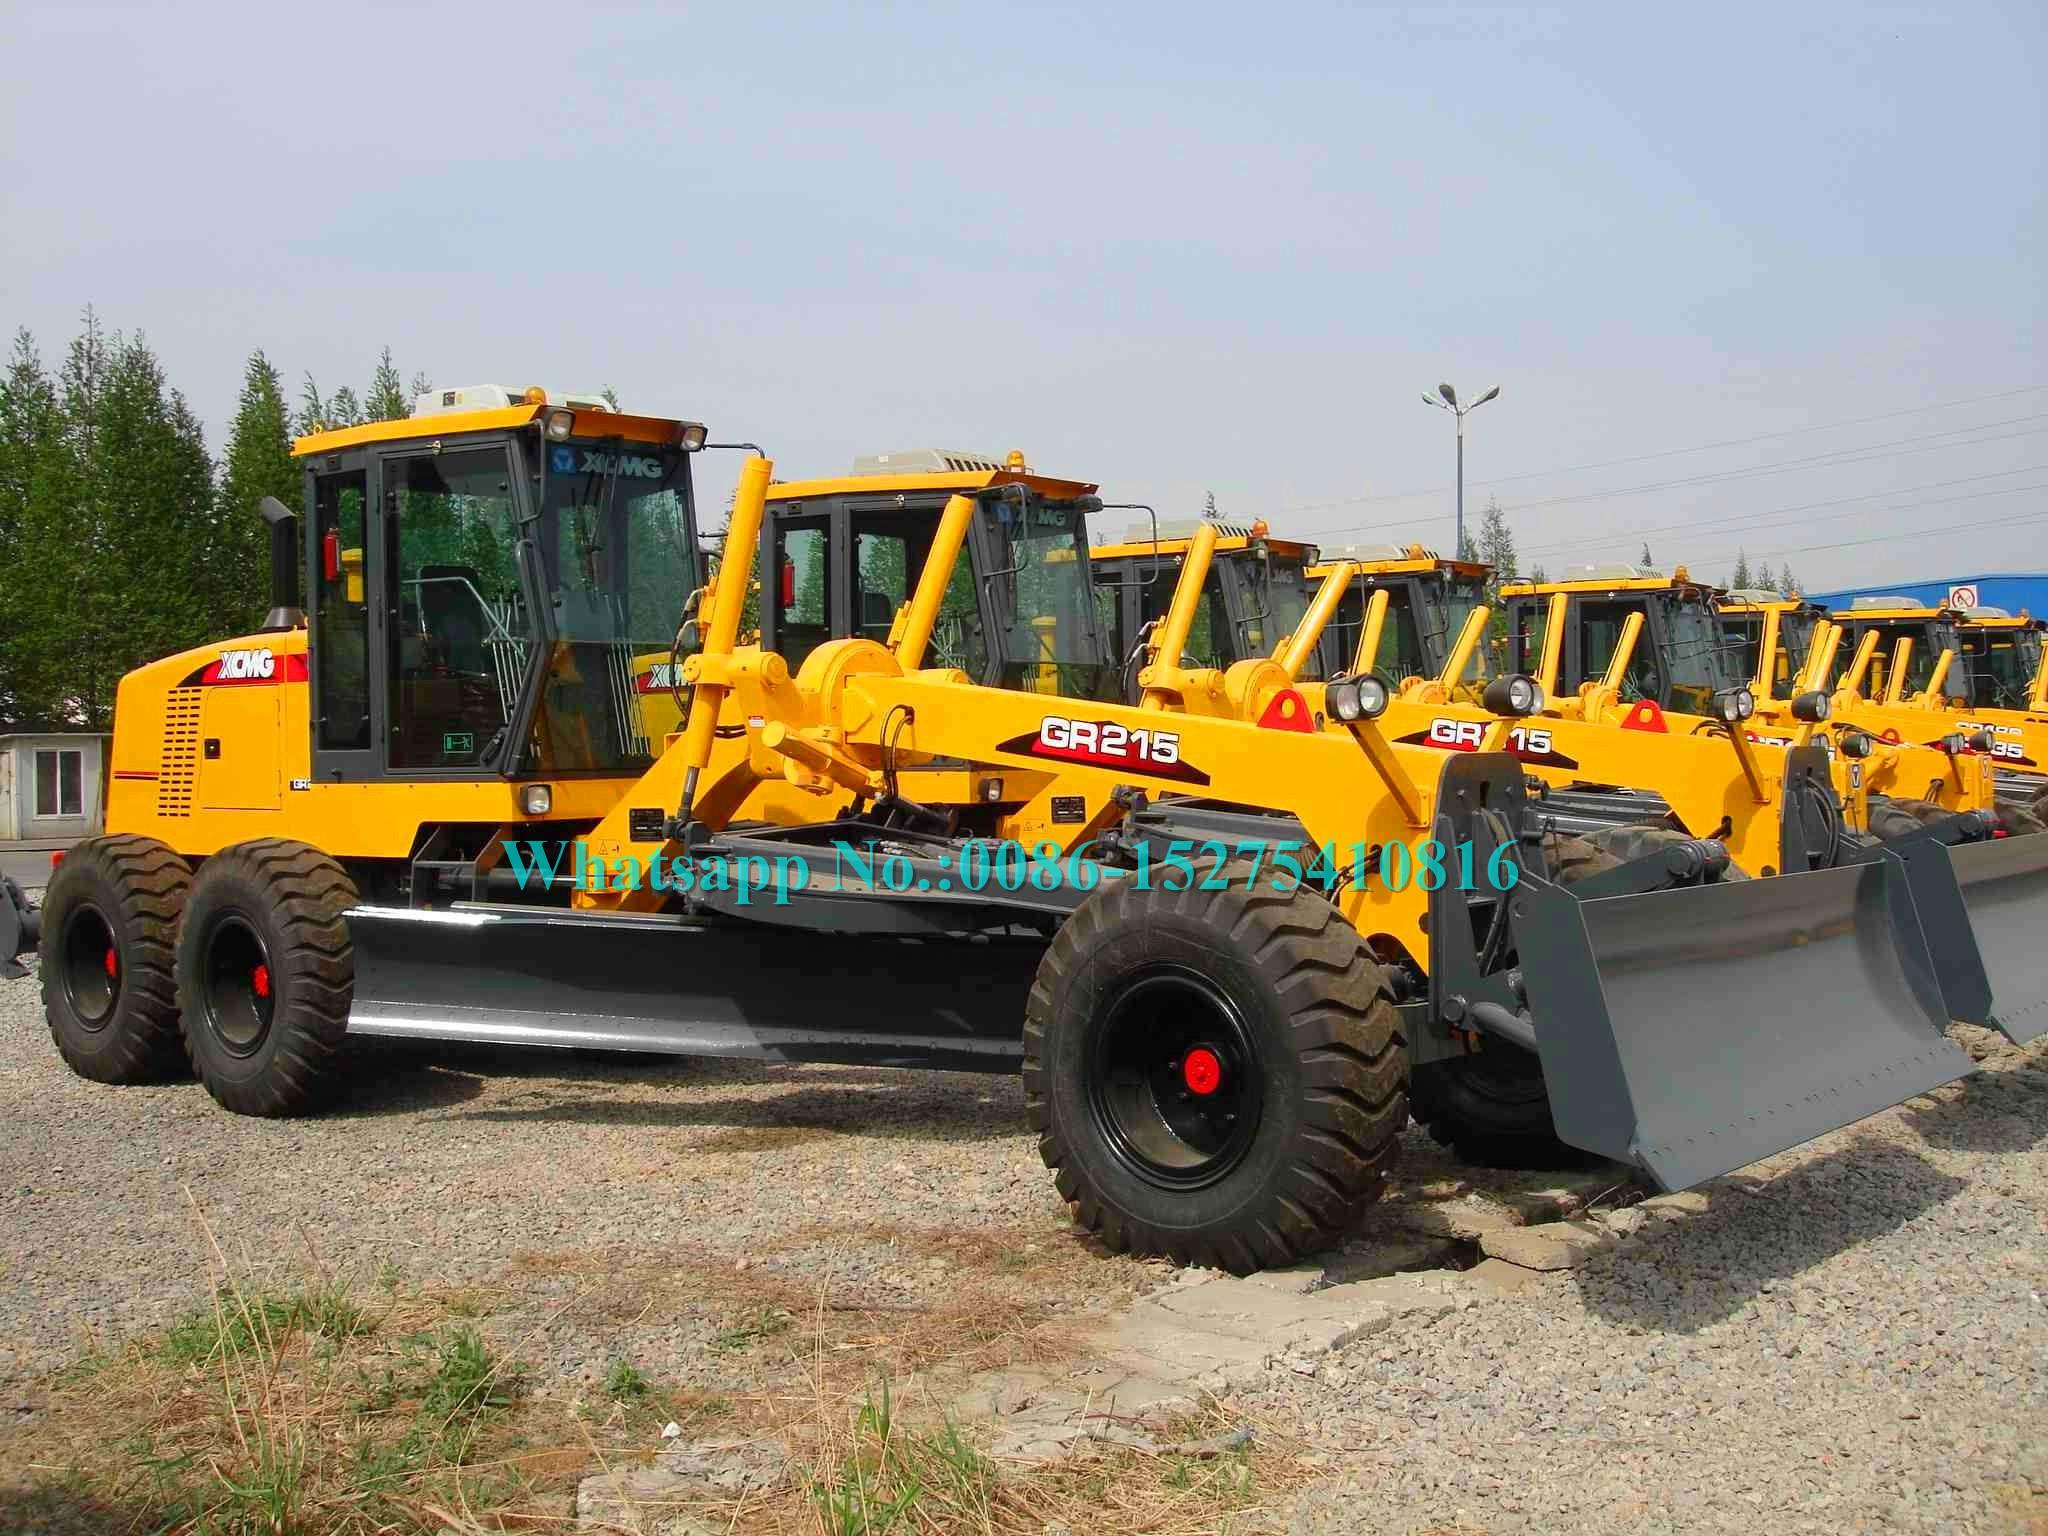 Máy xây dựng đường màu vàng XCMG GR215 GR2153 Máy phân loại động cơ